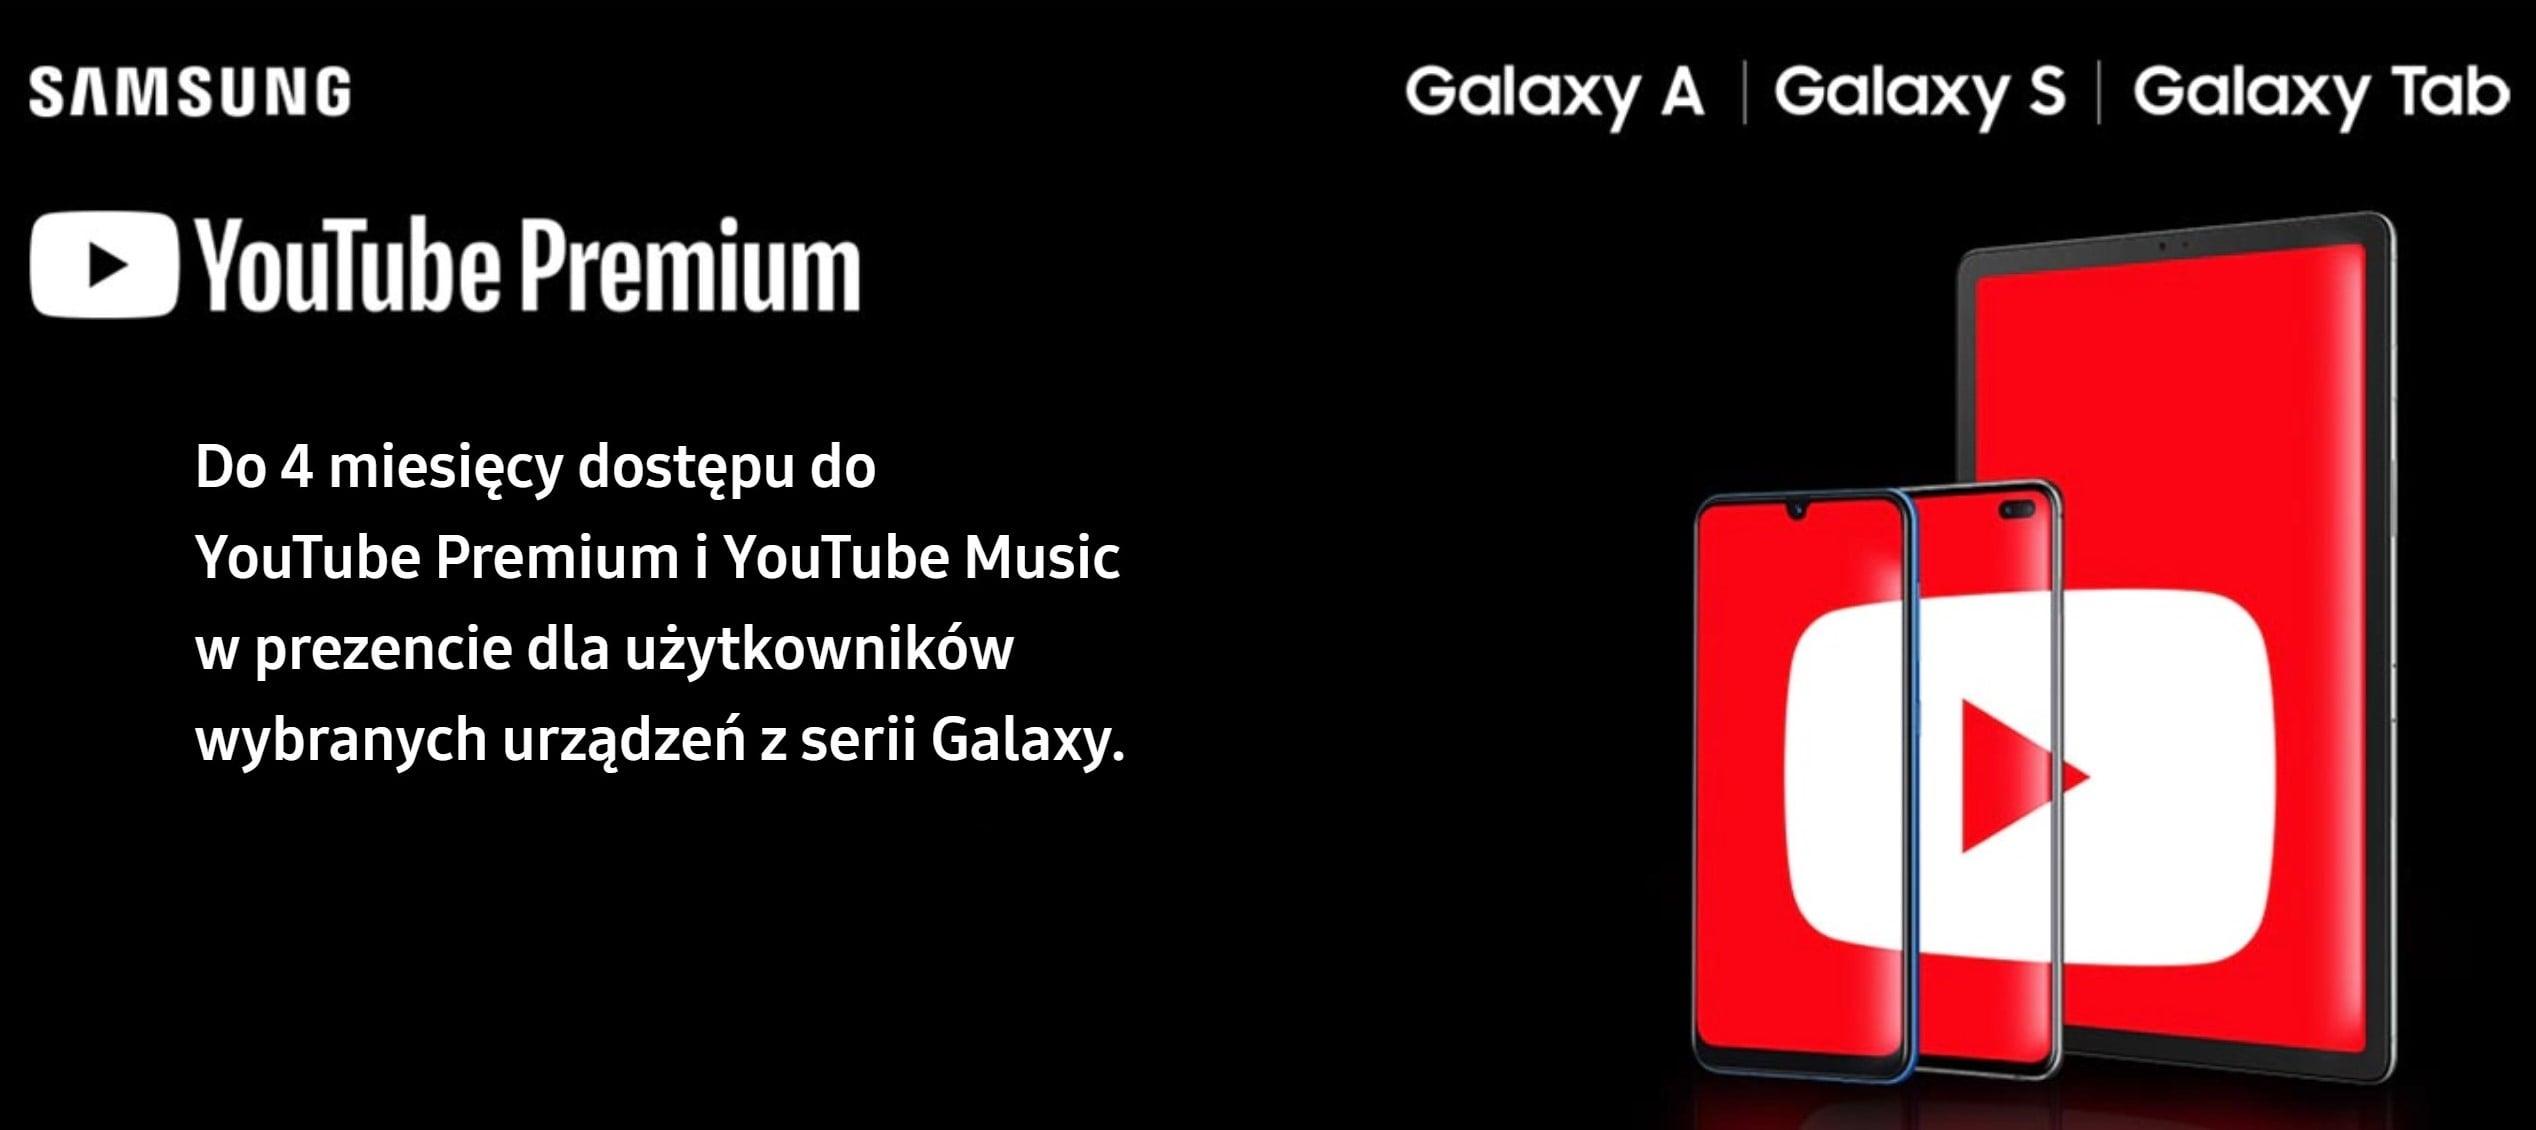 Właściciele smartfonów i tabletów Samsunga dostaną nawet 4 miesiące YouTube Premium za darmo